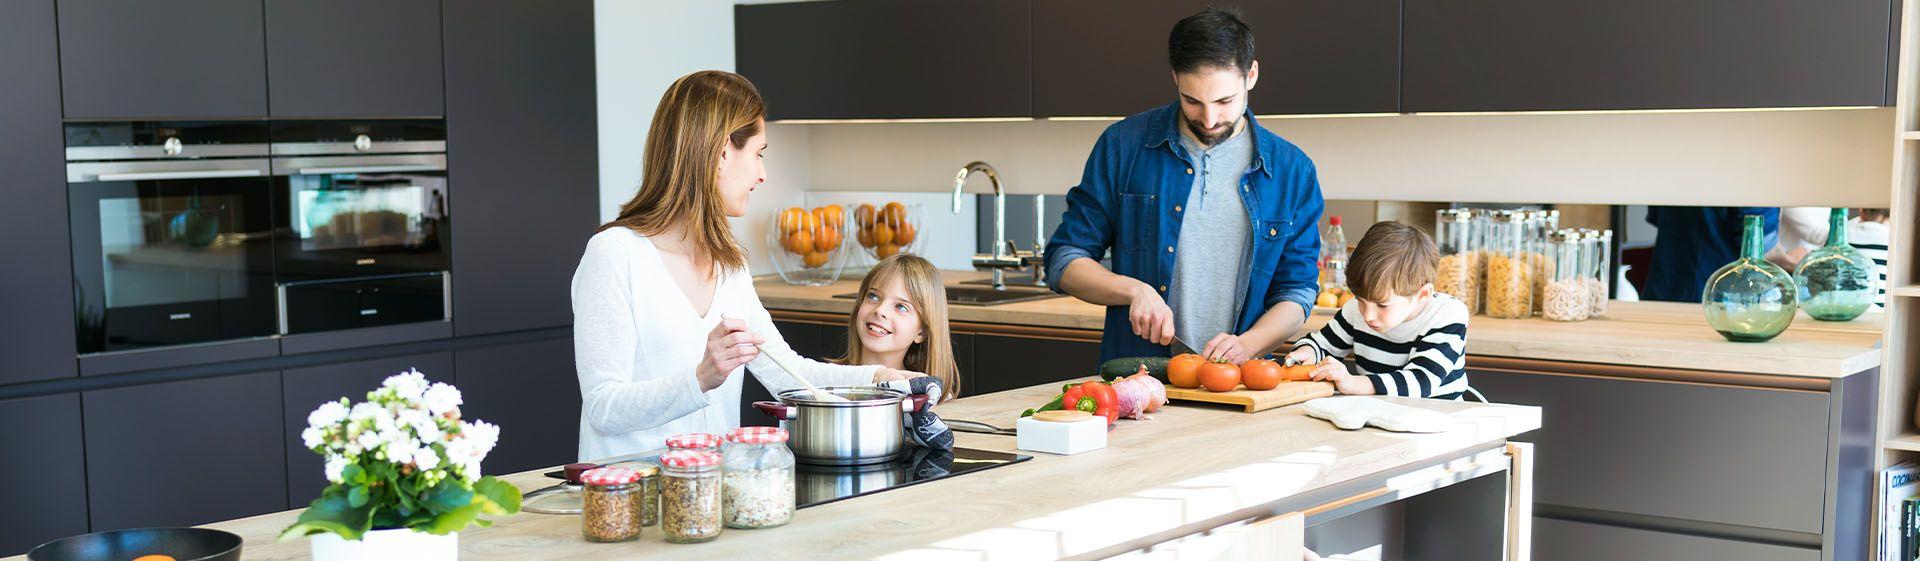 Geladeira, fogão, cooktop, forno elétrico... 5 itens até 2000 reais para você reformar a sua cozinha